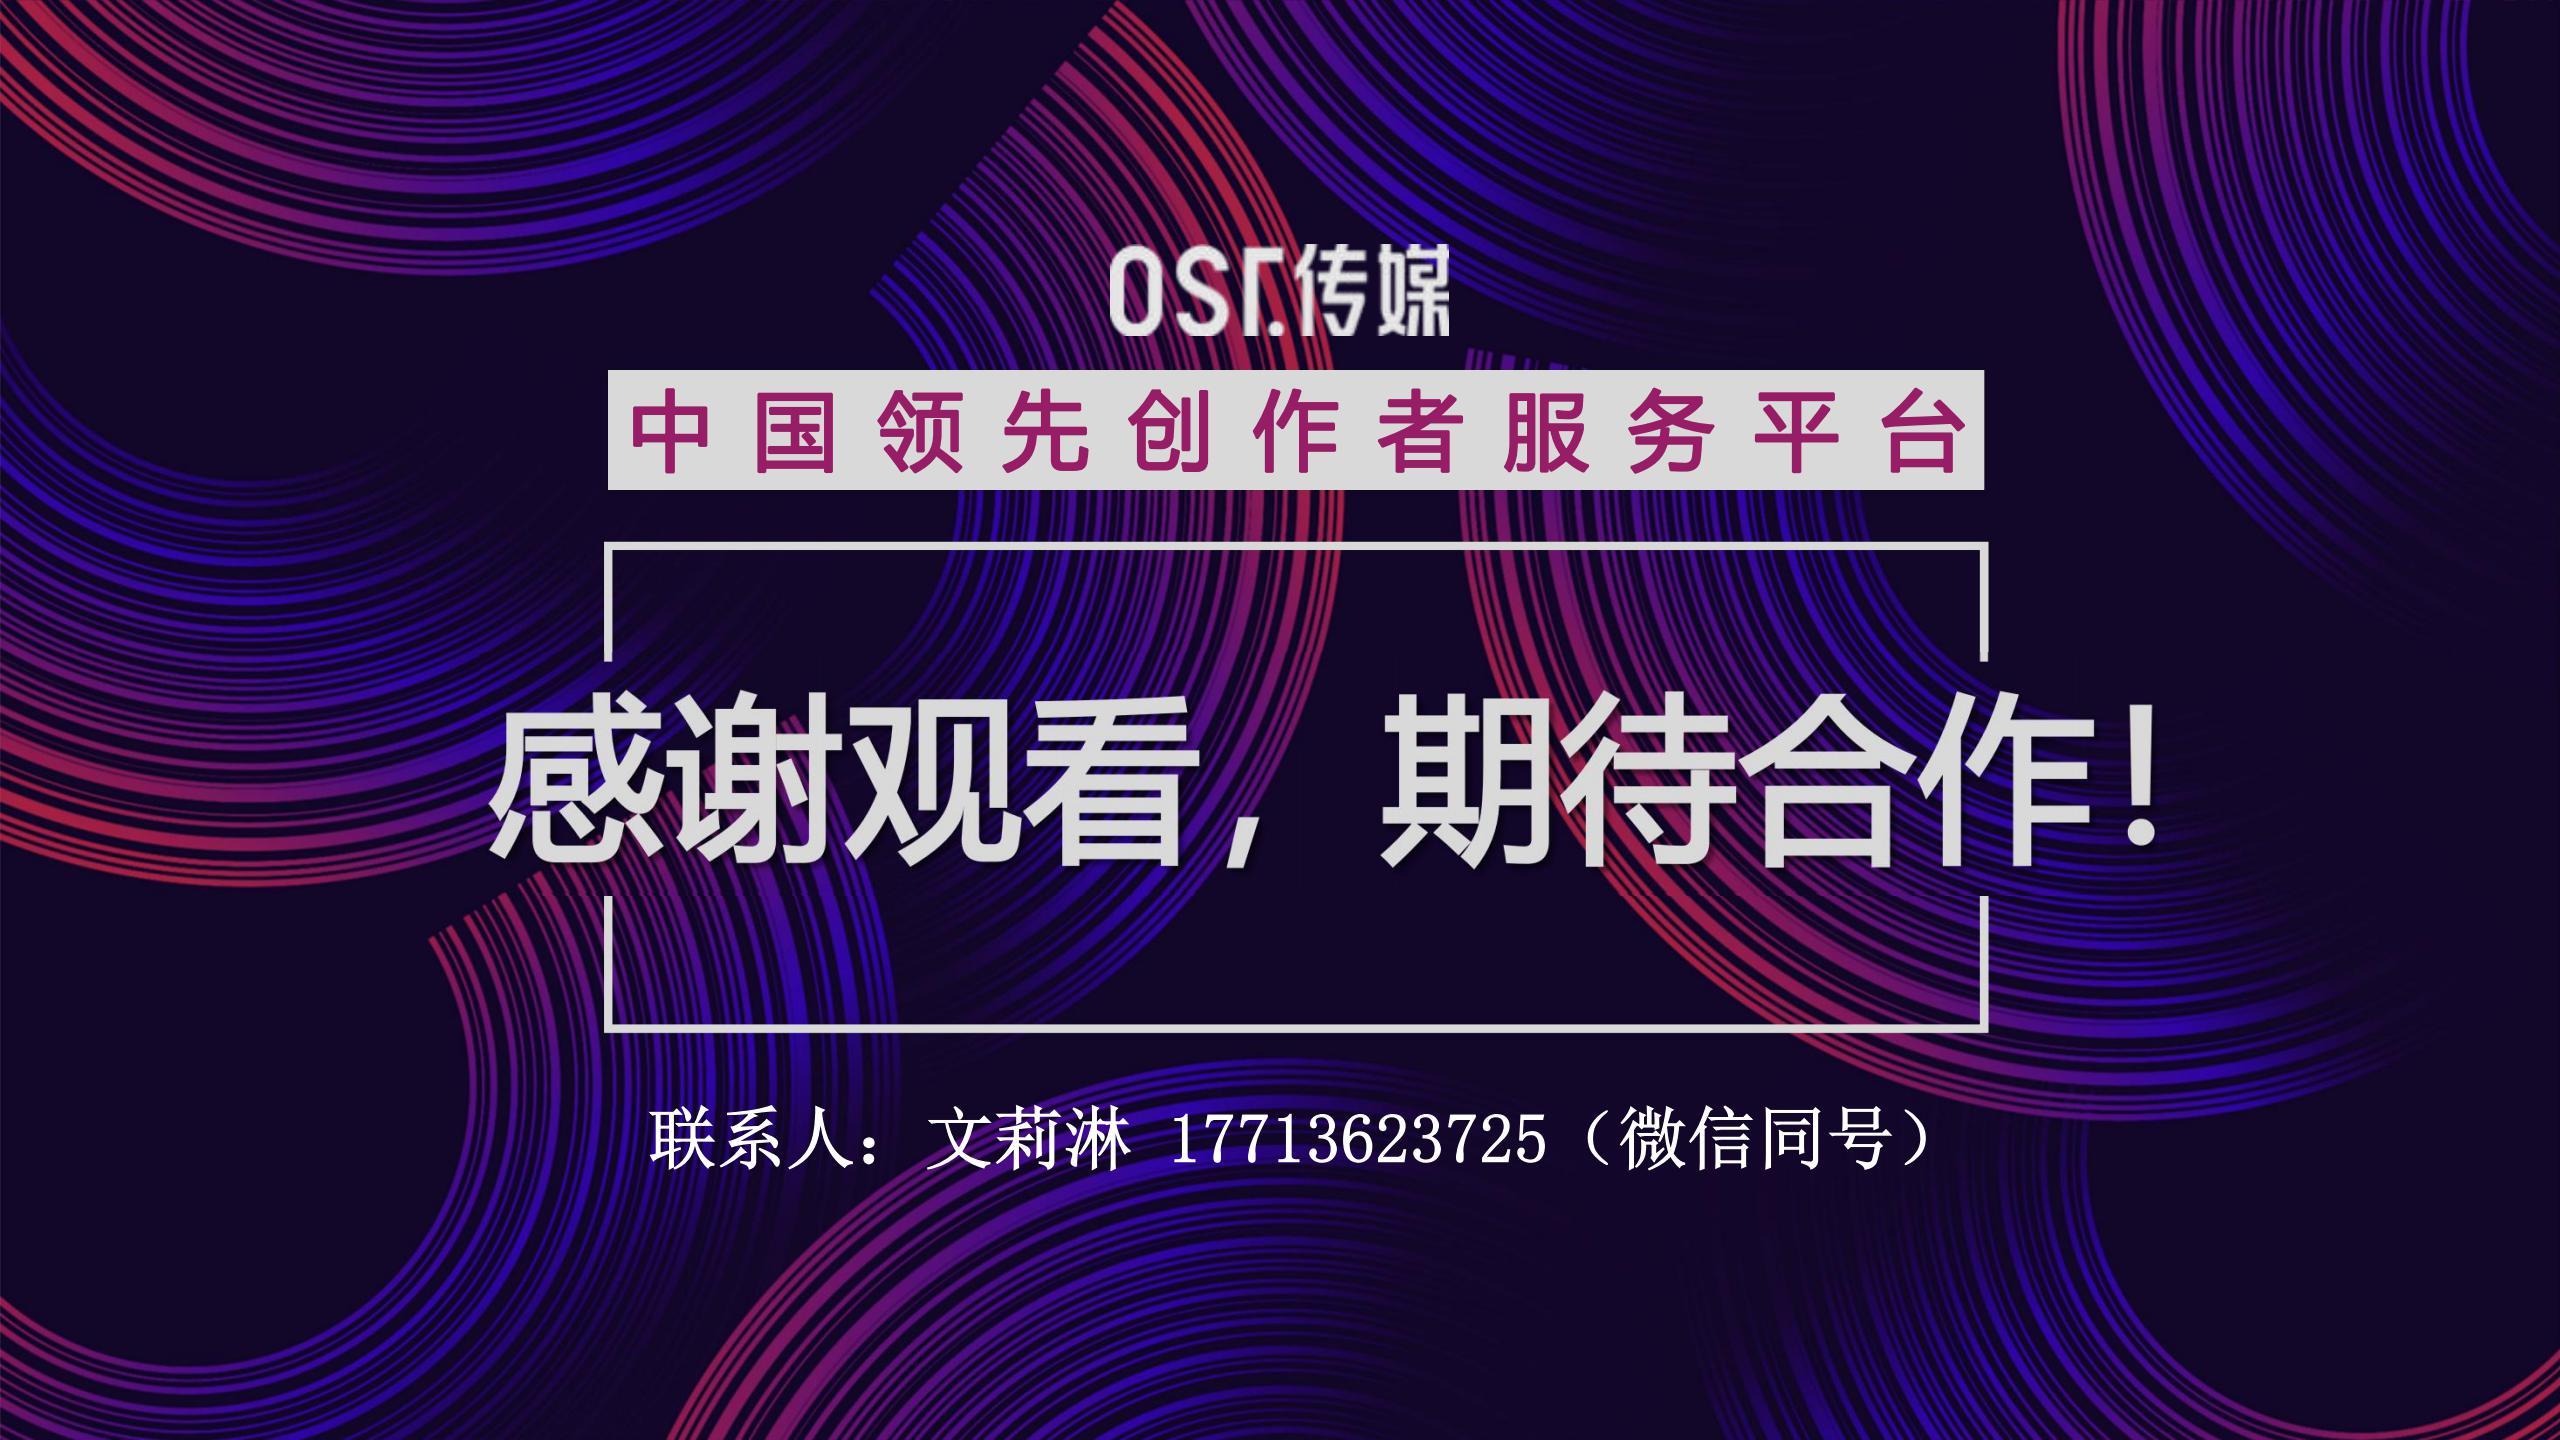 OST传媒短视频服务介绍第23张